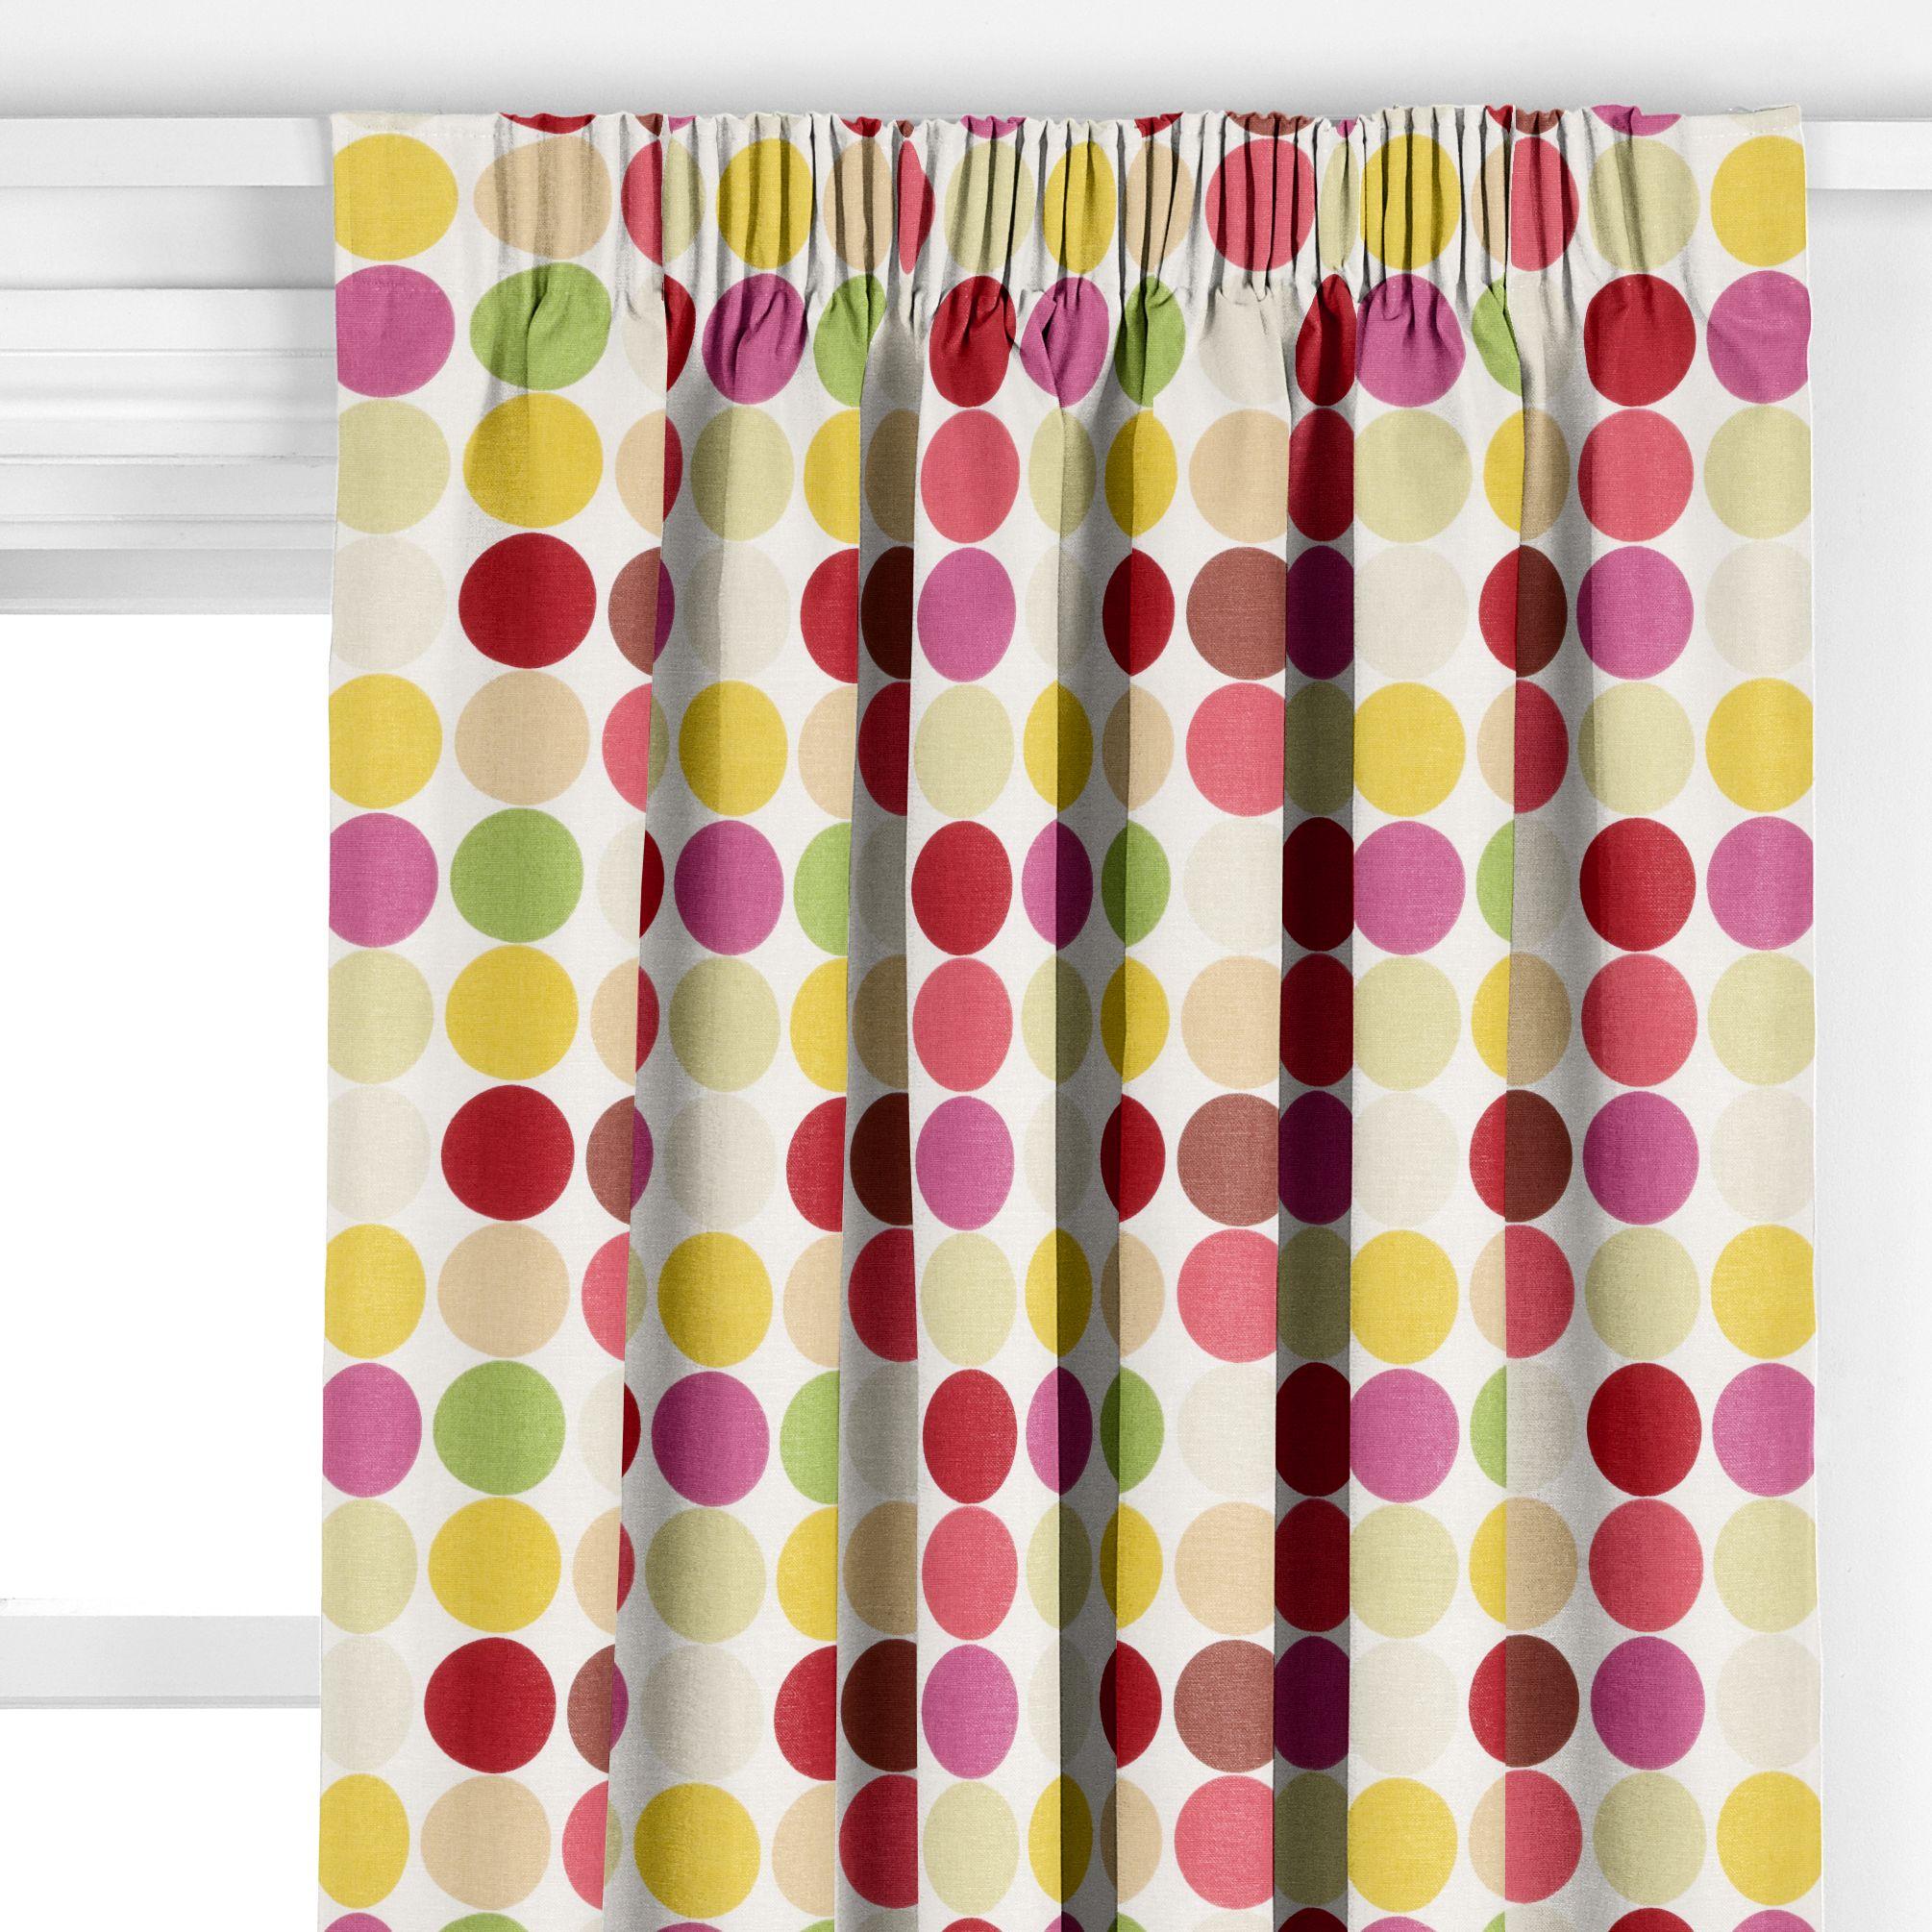 rideaux sur le décor d'idées de cordon